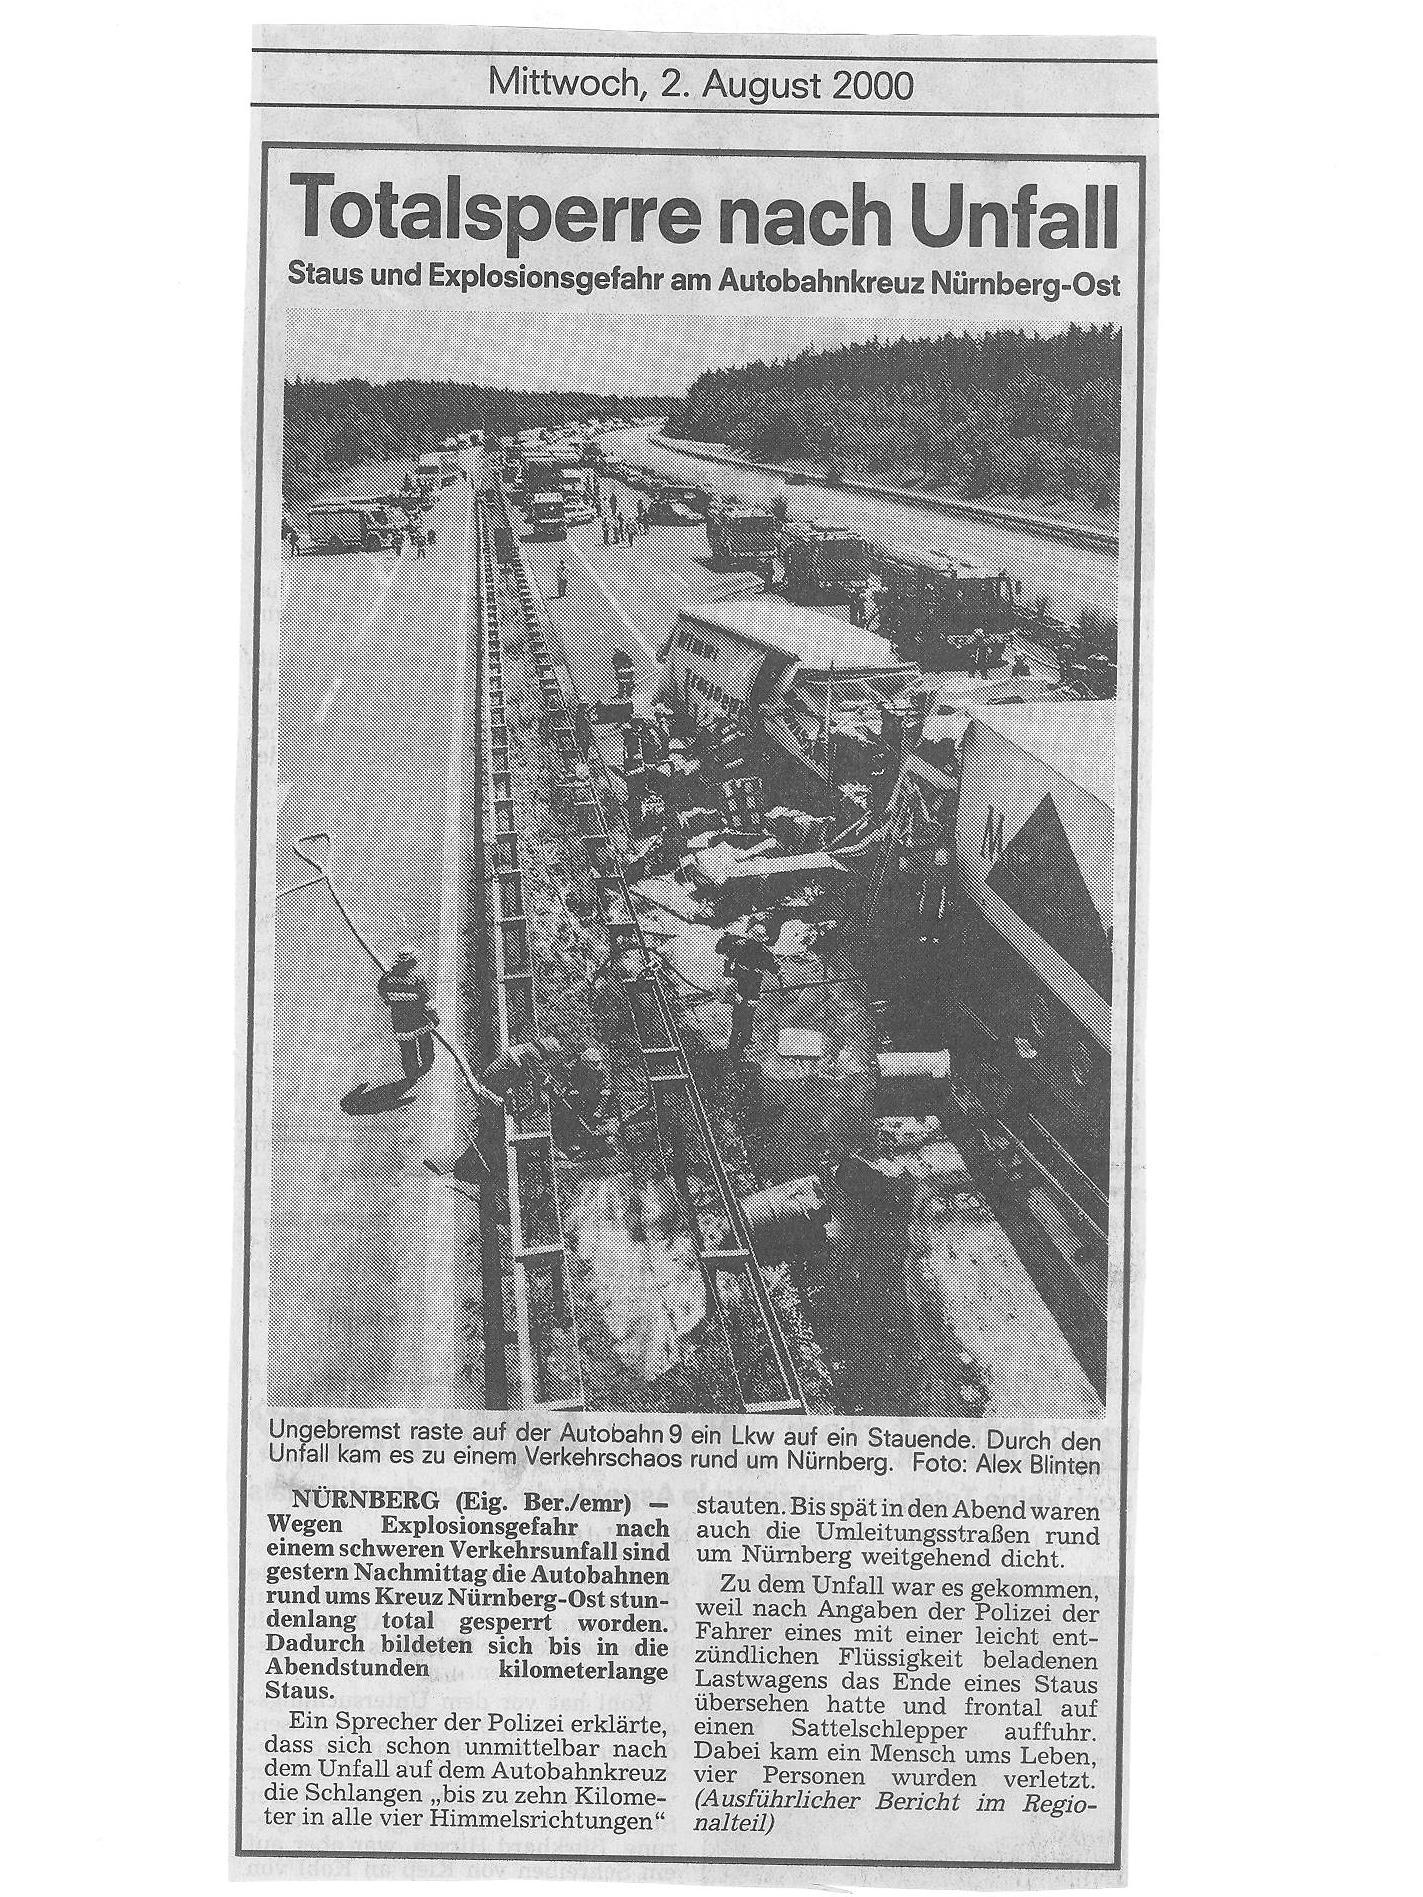 2000_08_01-Zeitungsbericht-2-Gefahrgutunfall-AK-Nbg.-Ost